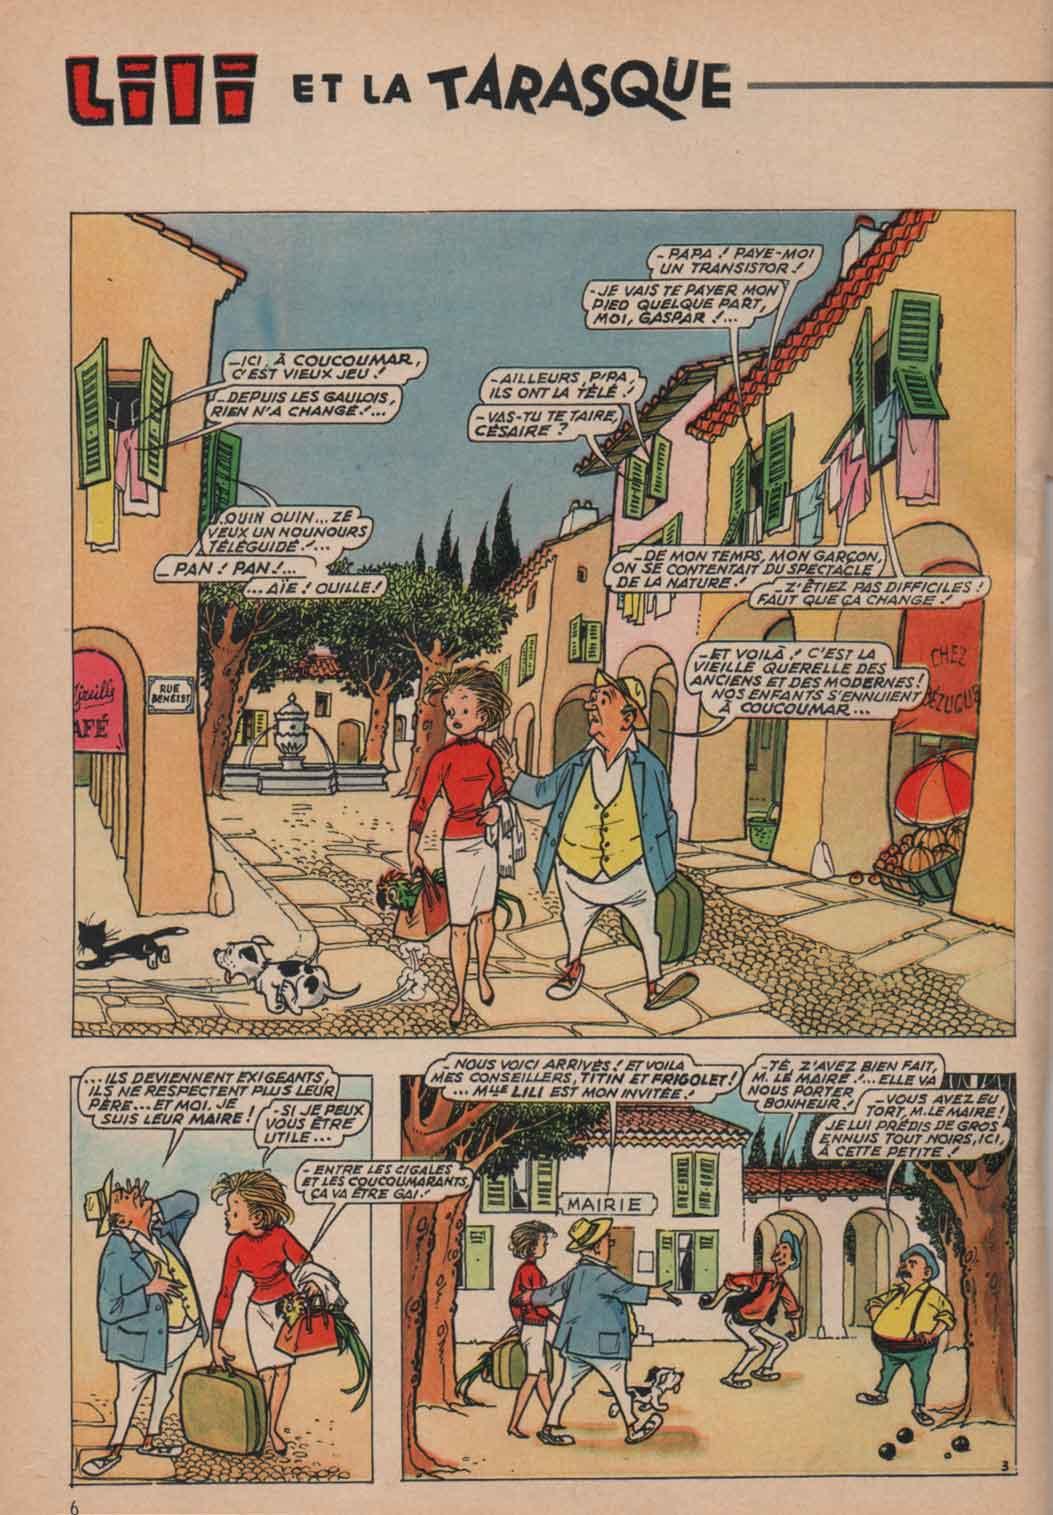 «Lili et la tarasque»15Ans n°1 (10/1965).